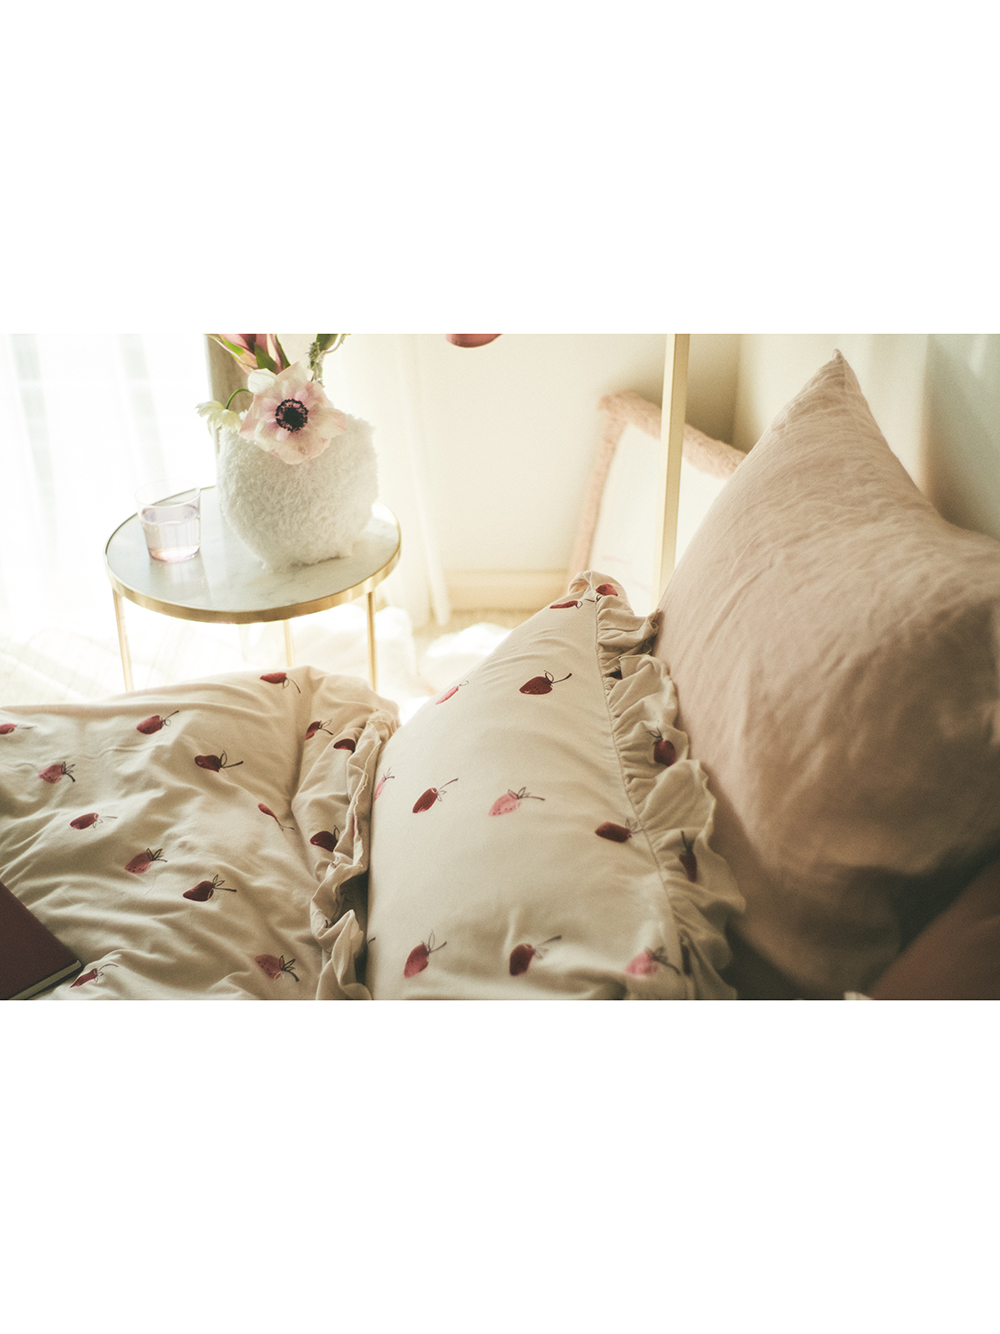 【Sleep】(ダブル)ストロベリーモチーフ3点SET | PSGG211004